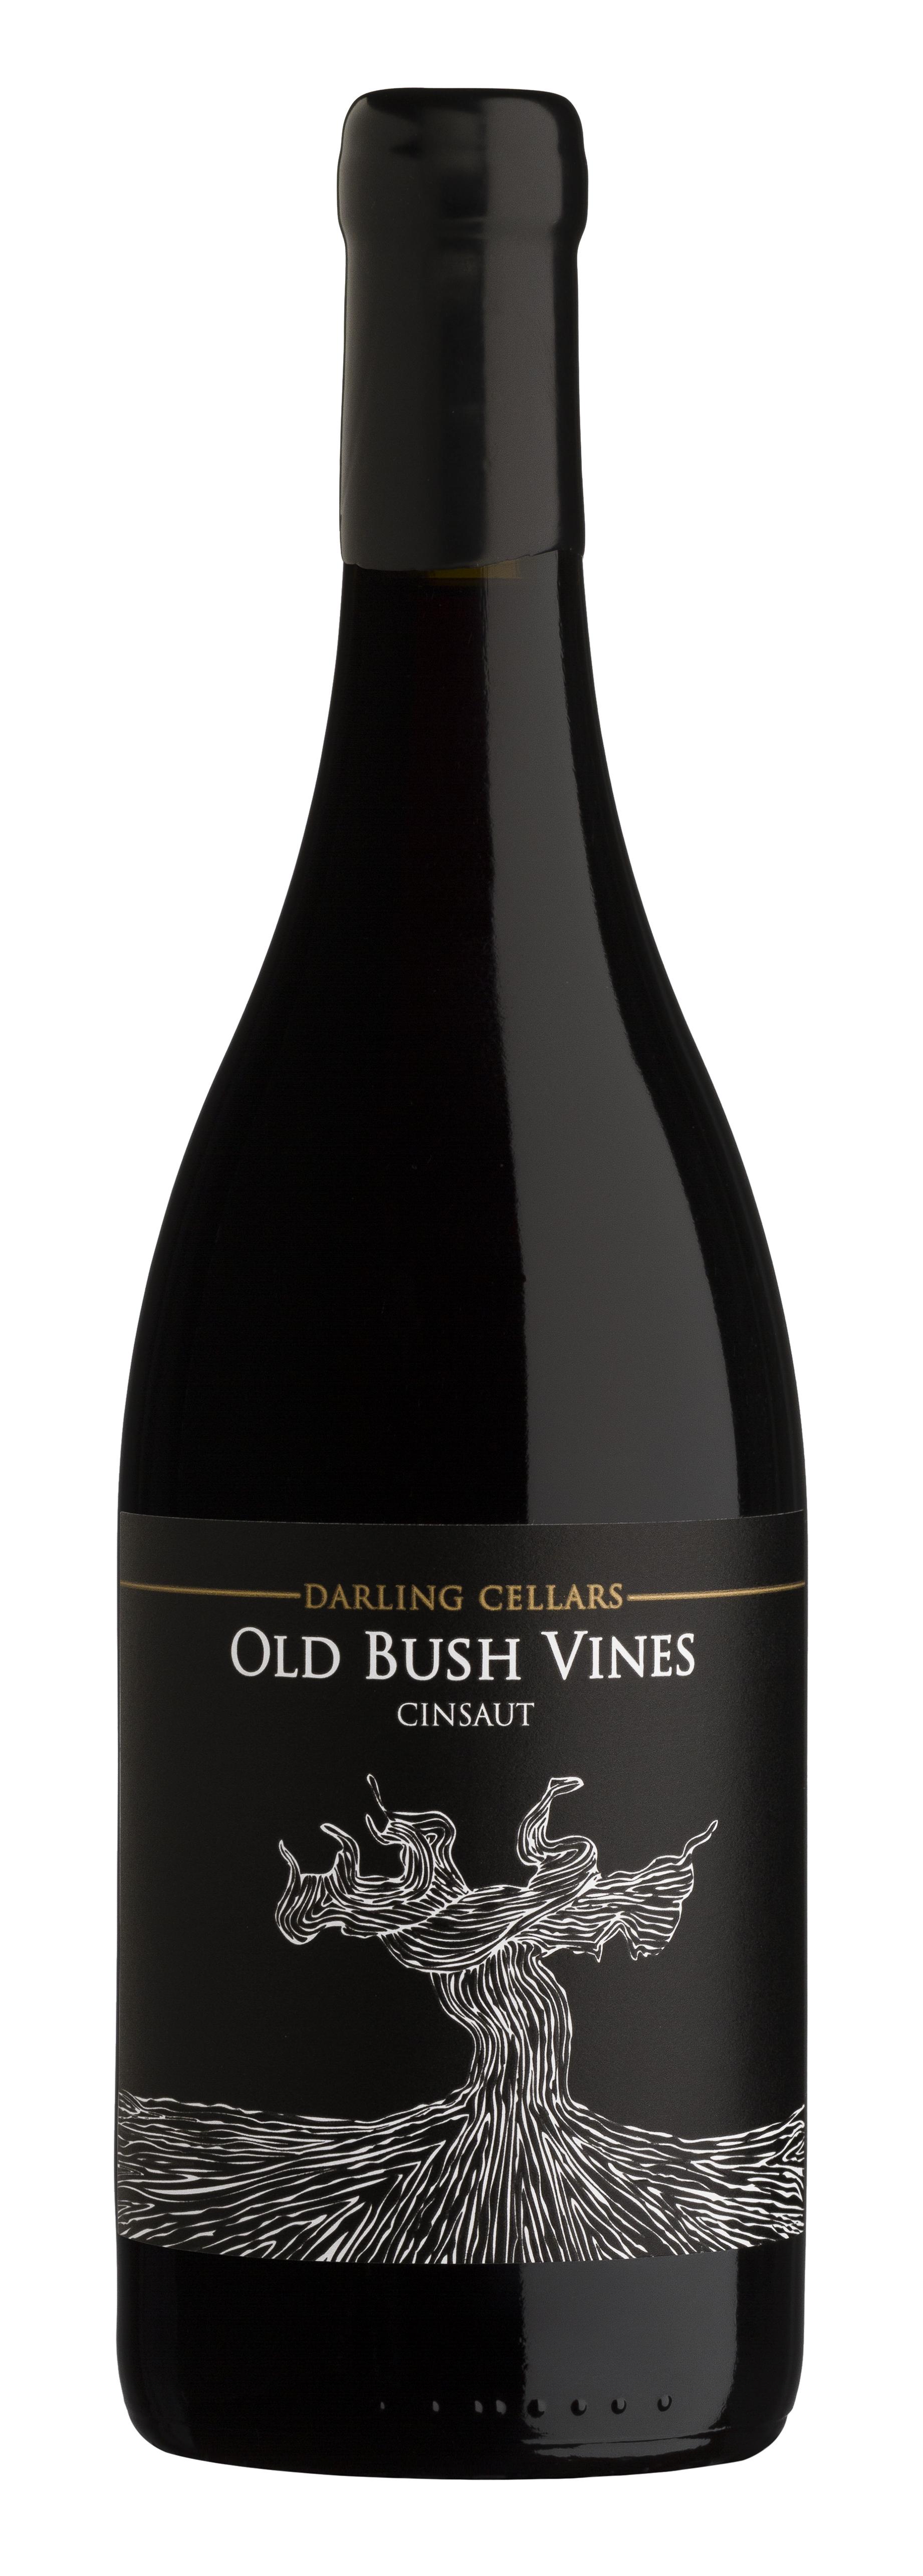 Old Bush Vines Cinsaut